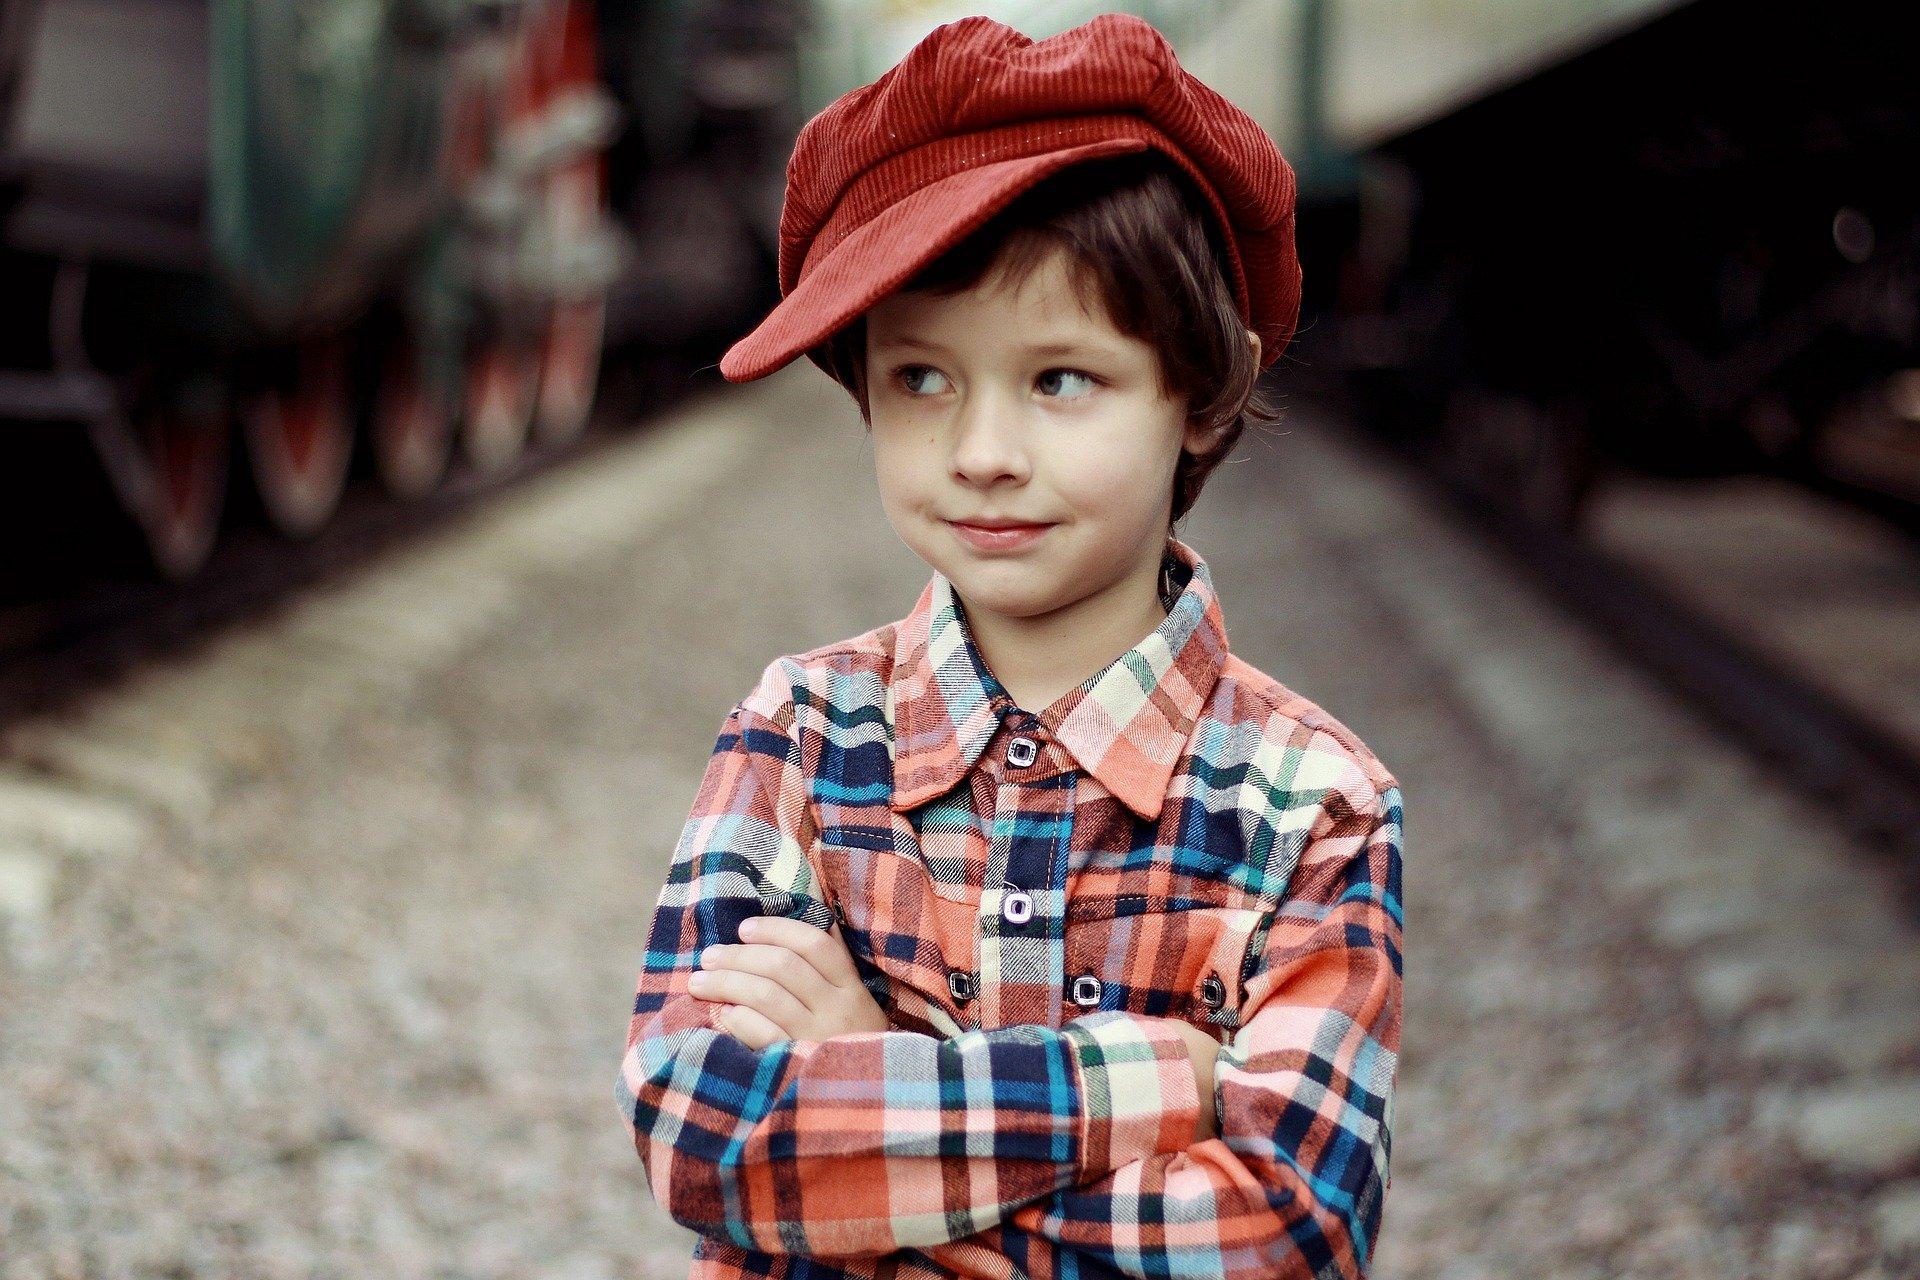 帽子被る 少年